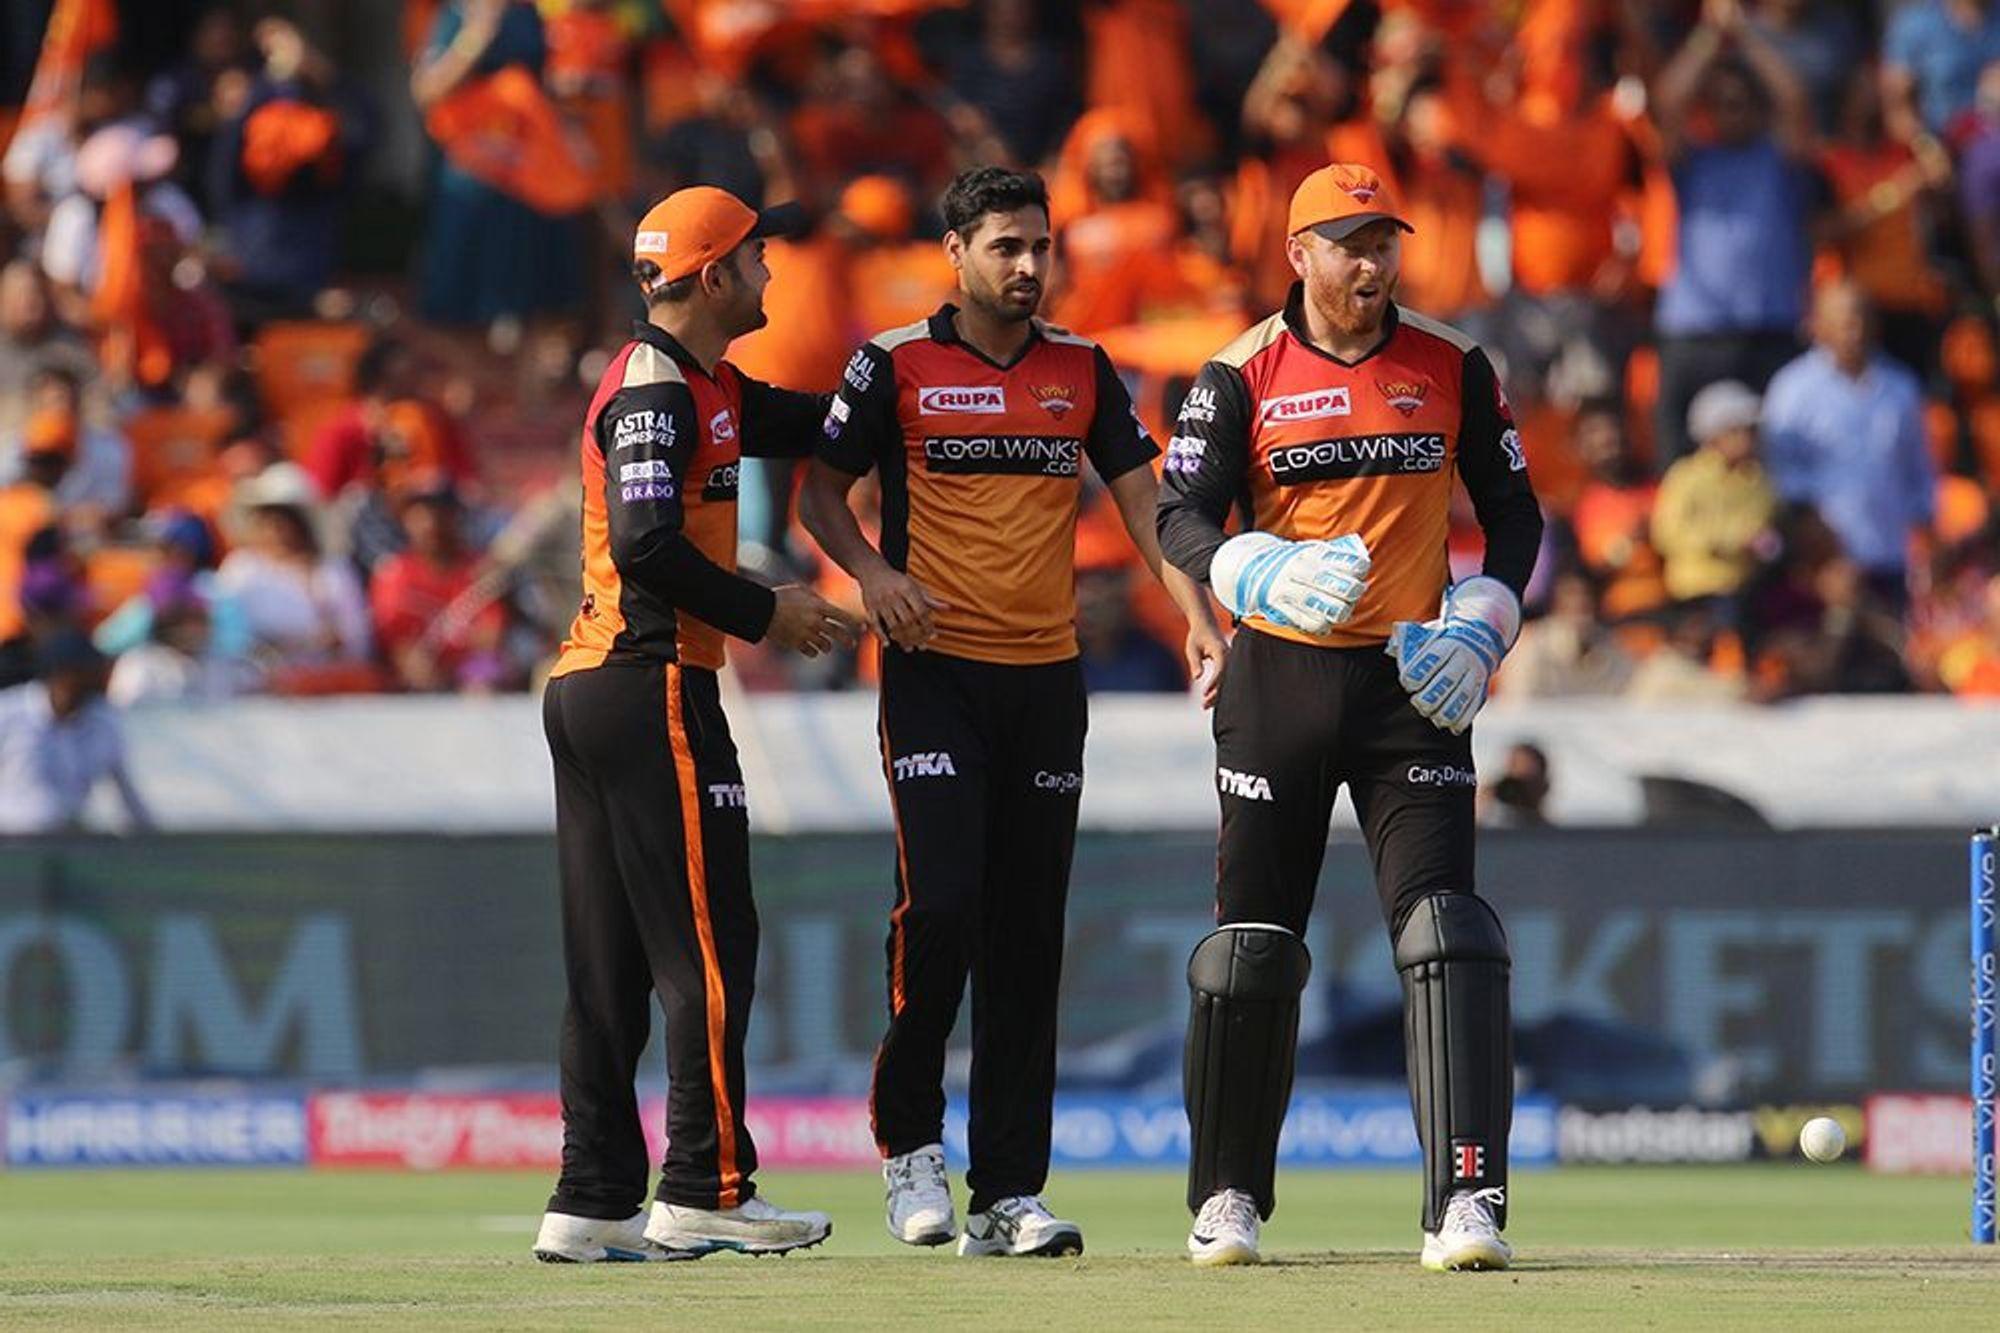 IPL 2019: सनराइजर्स हैदराबाद के खिलाफ कोलकाता नाईट राइडर्स की हार के ये रहे 3 प्रमुख कारण 1